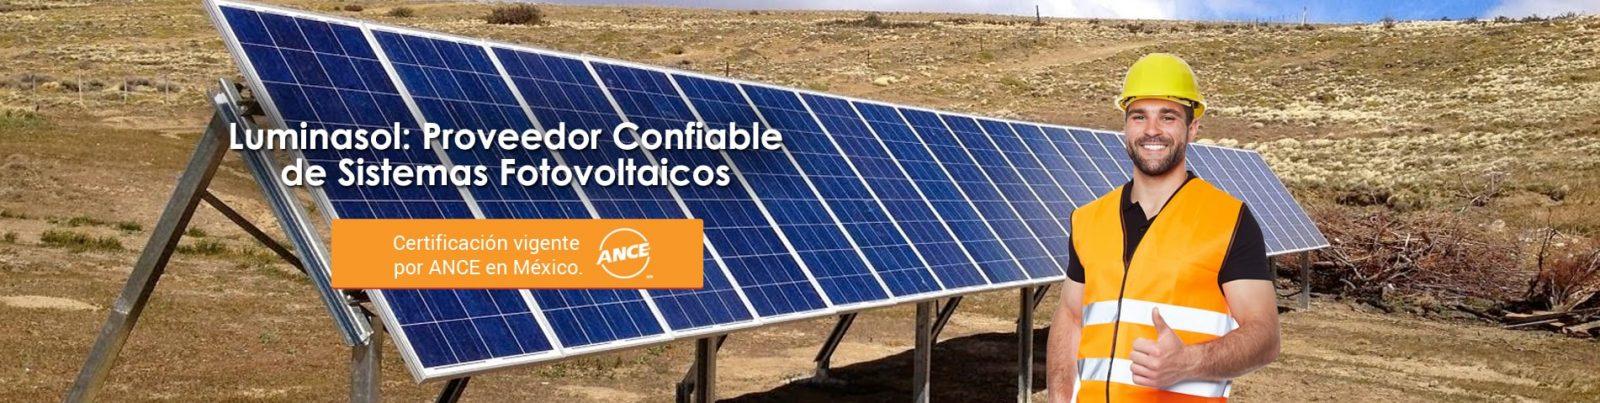 Sistemas fotovoltaicos